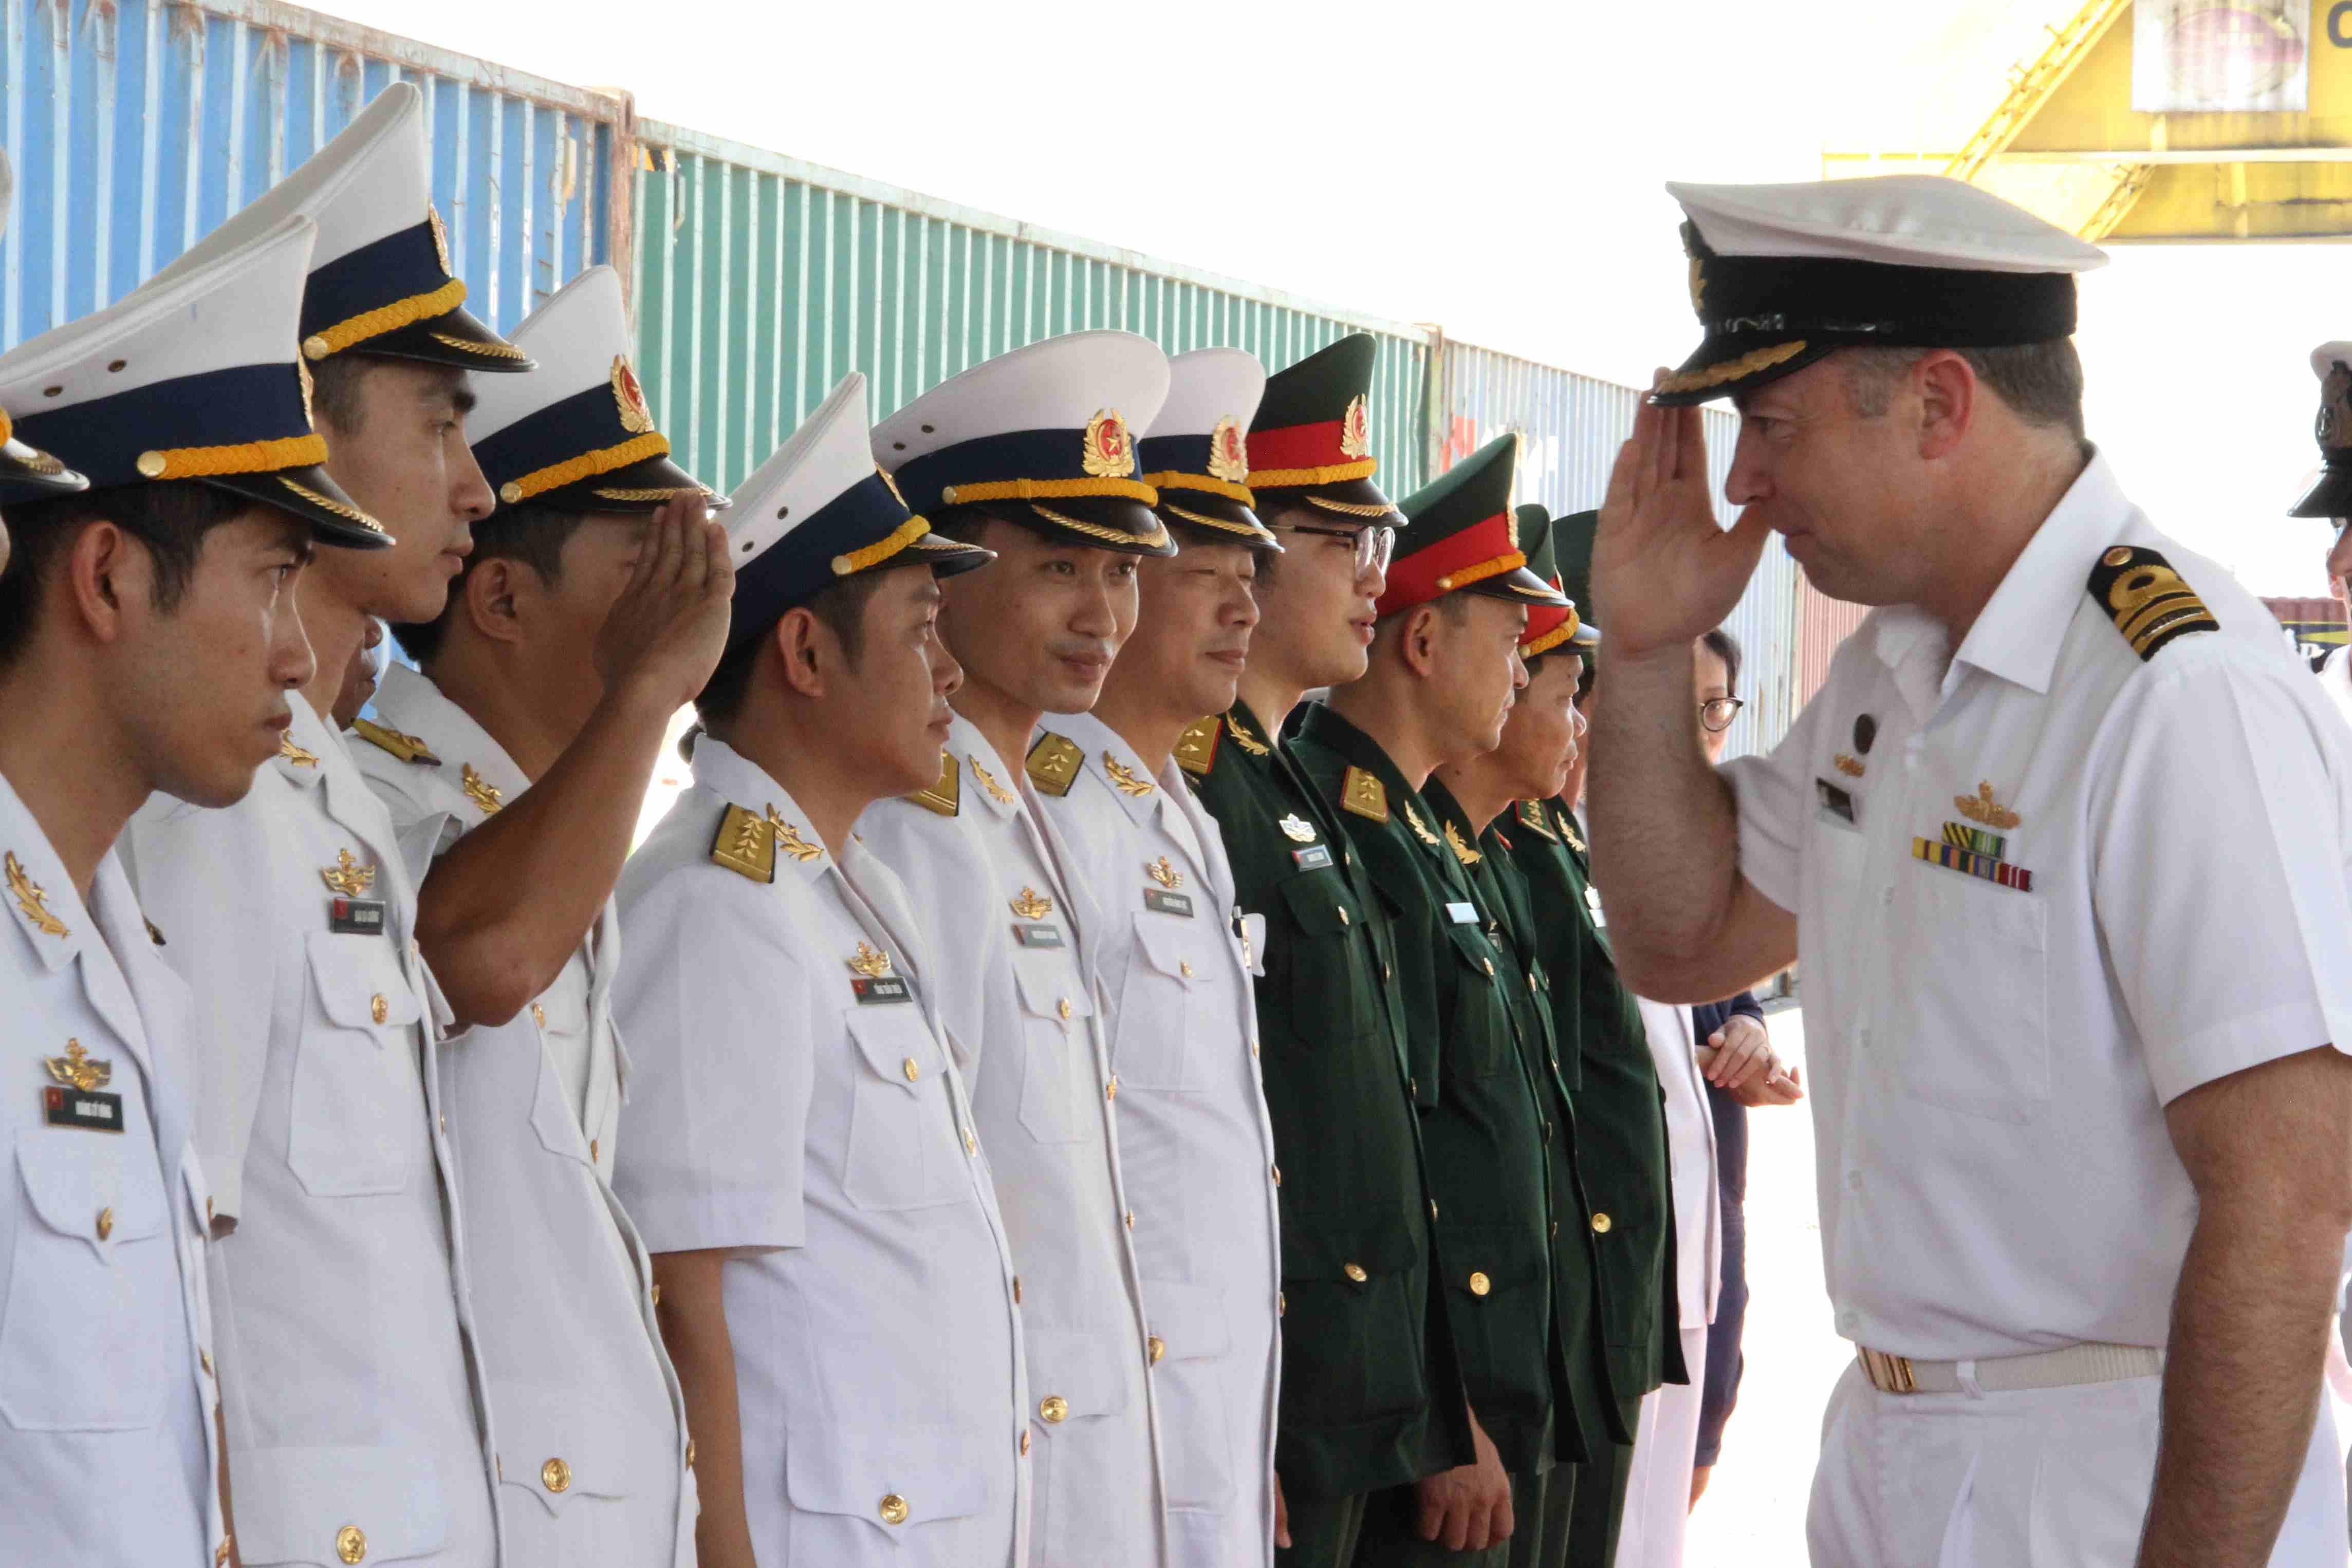 Thực hiện nghi thức đón tiếp thuyền trưởng tàu HMAS Ballarat. Ảnh: H.S